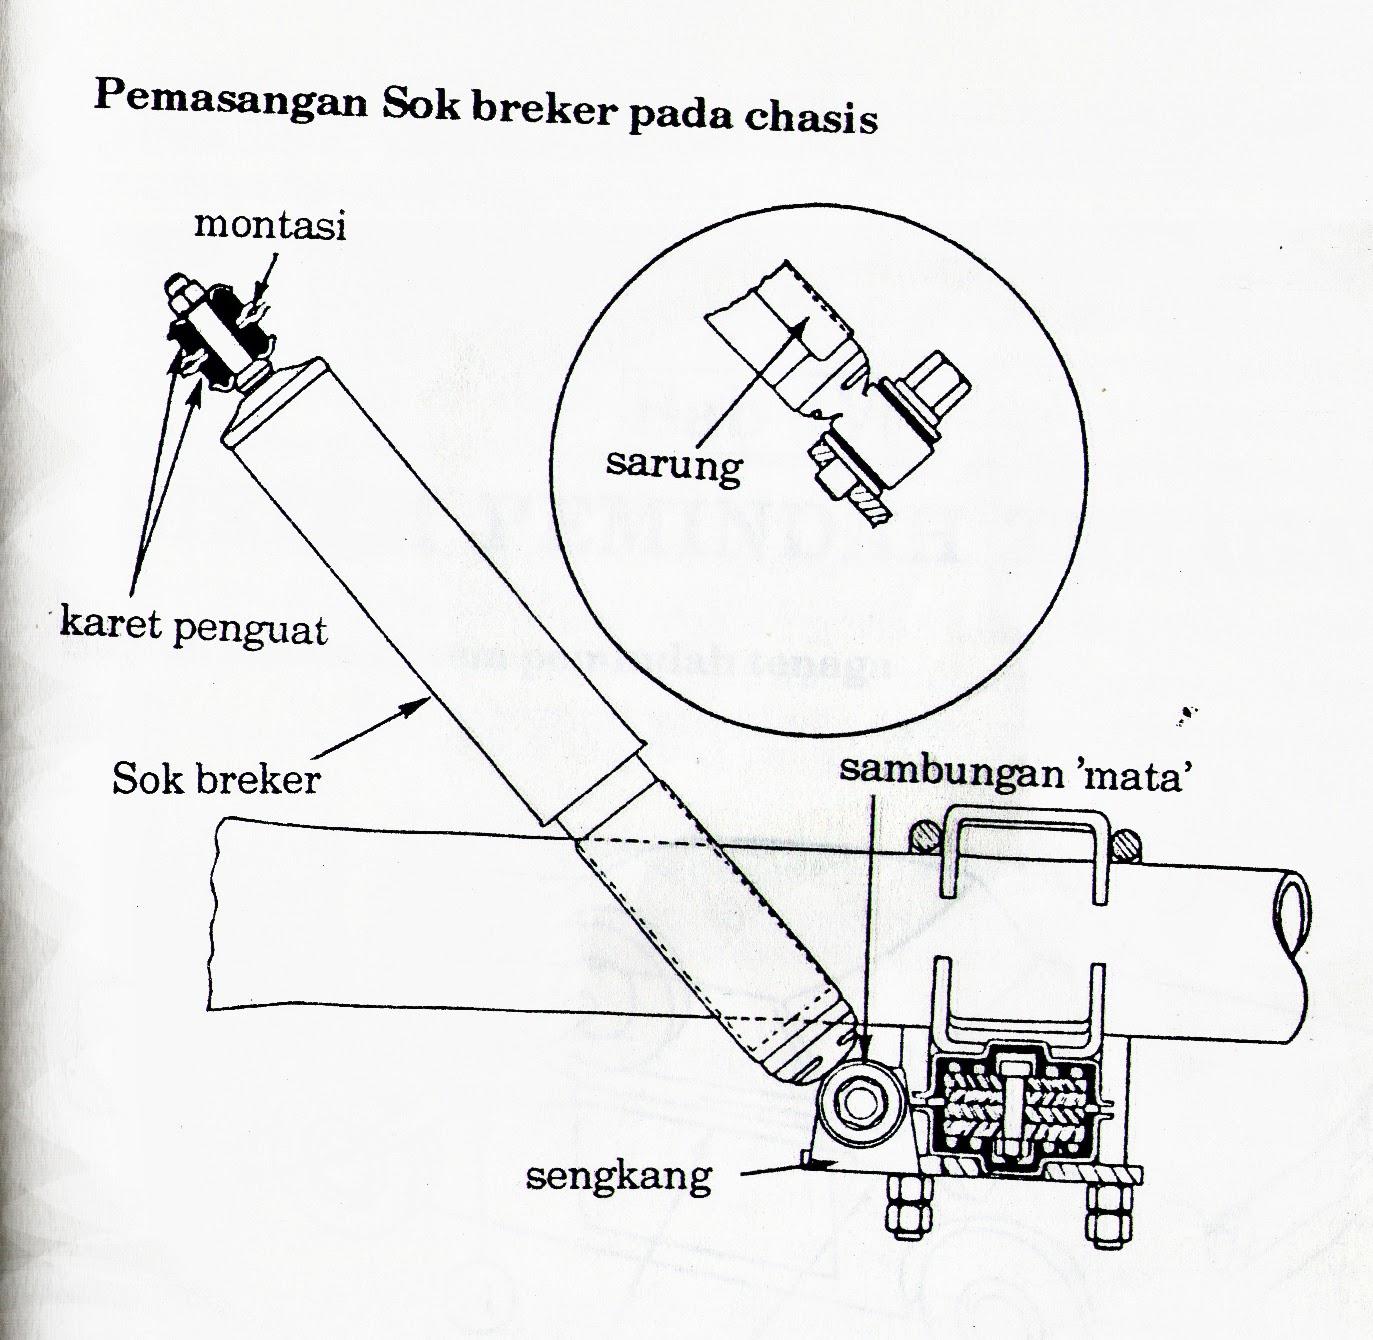 Gambar sok breker teleskopis dan pergerakkan minyak hidrolis